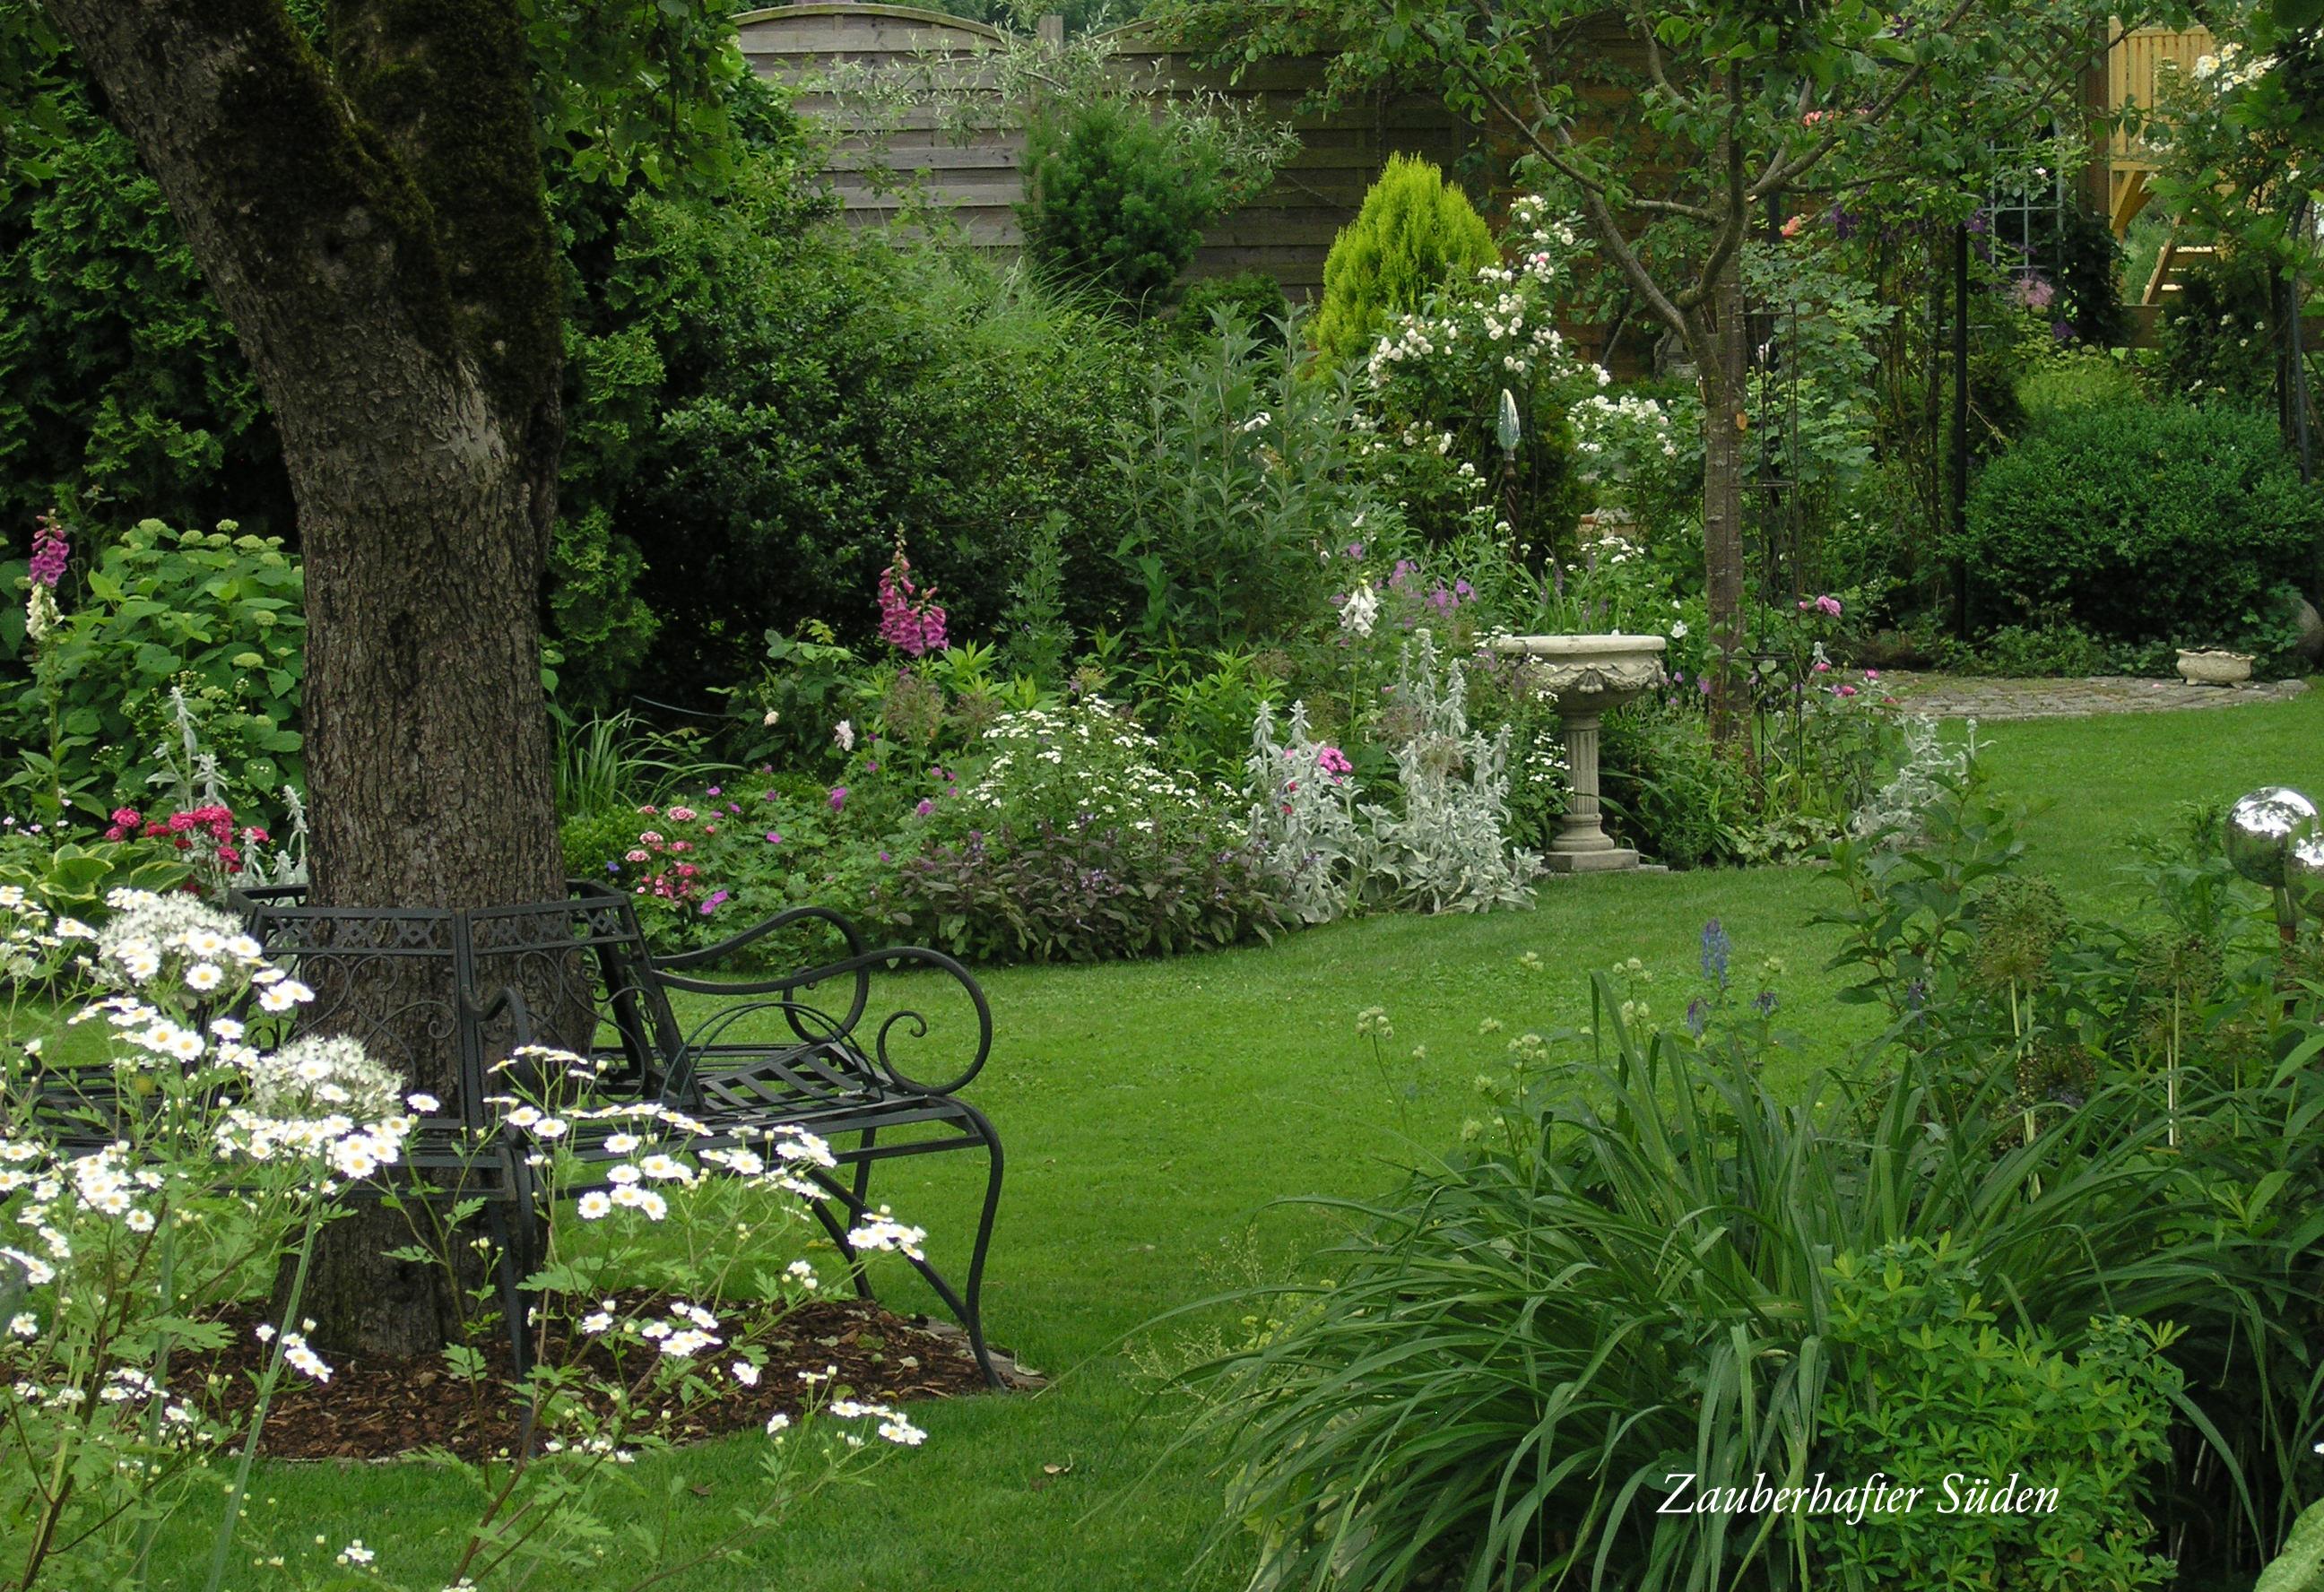 Immer Blühender Garten das süße laissez faire des sommers zauberhafter süden